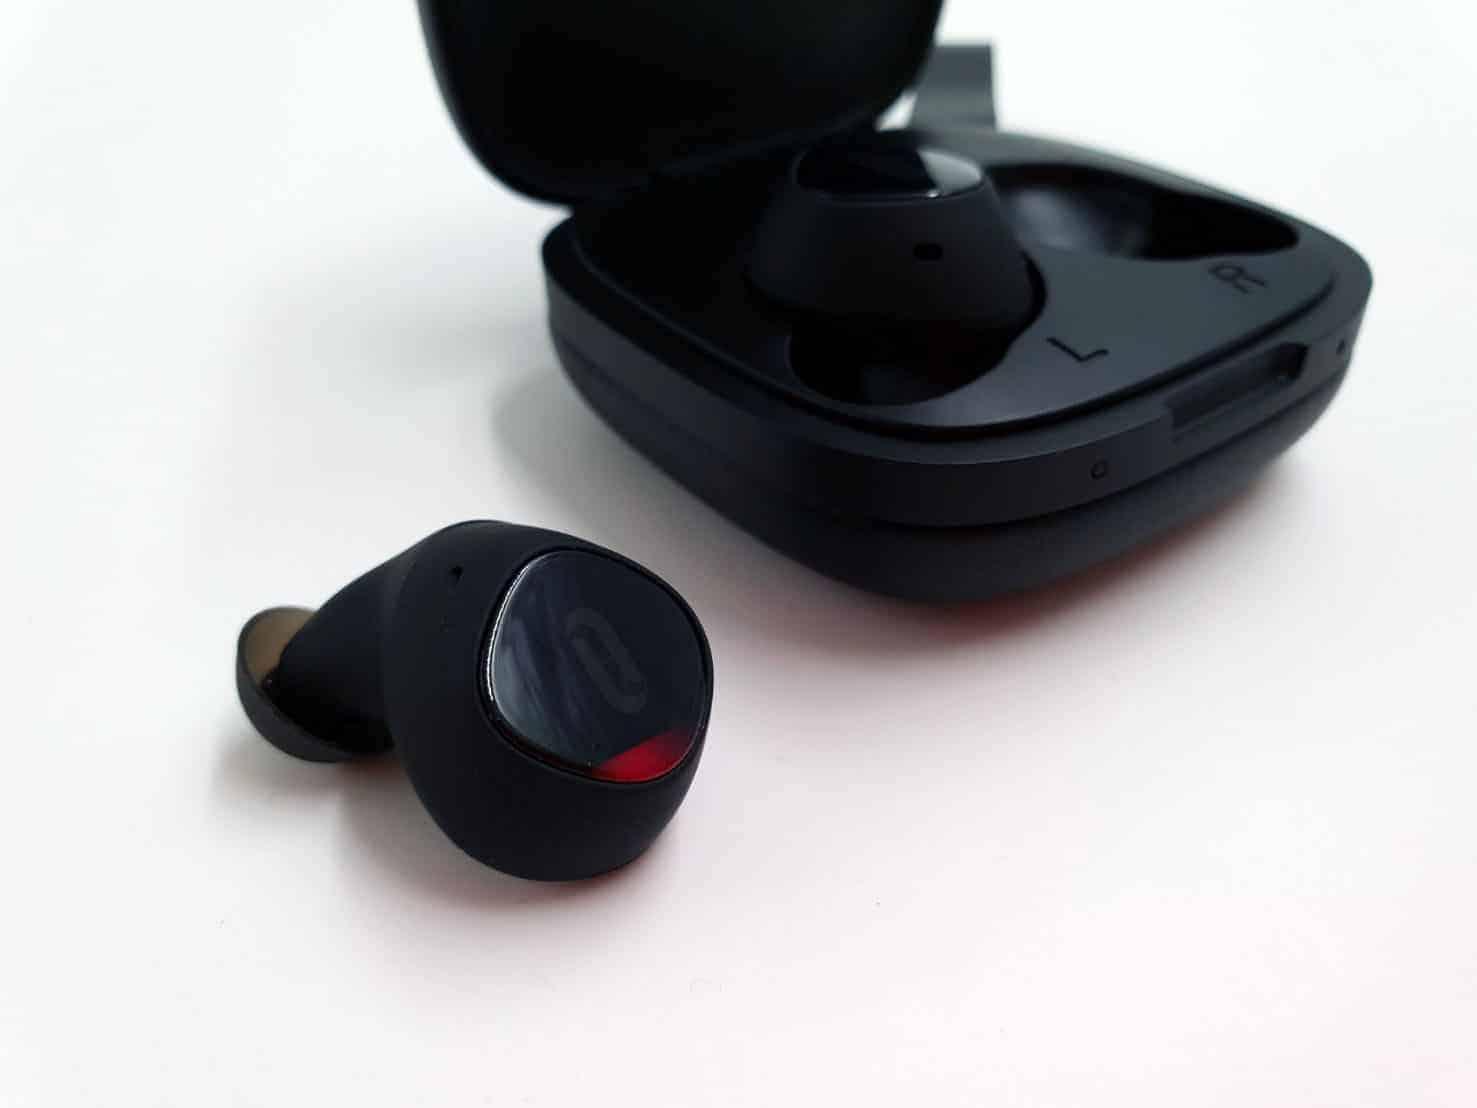 超平價!首創IEM入耳設計及質感皮革外觀 - TaoTronics Duo Free真無線藍牙耳機 推薦-TechTeller (科技說)